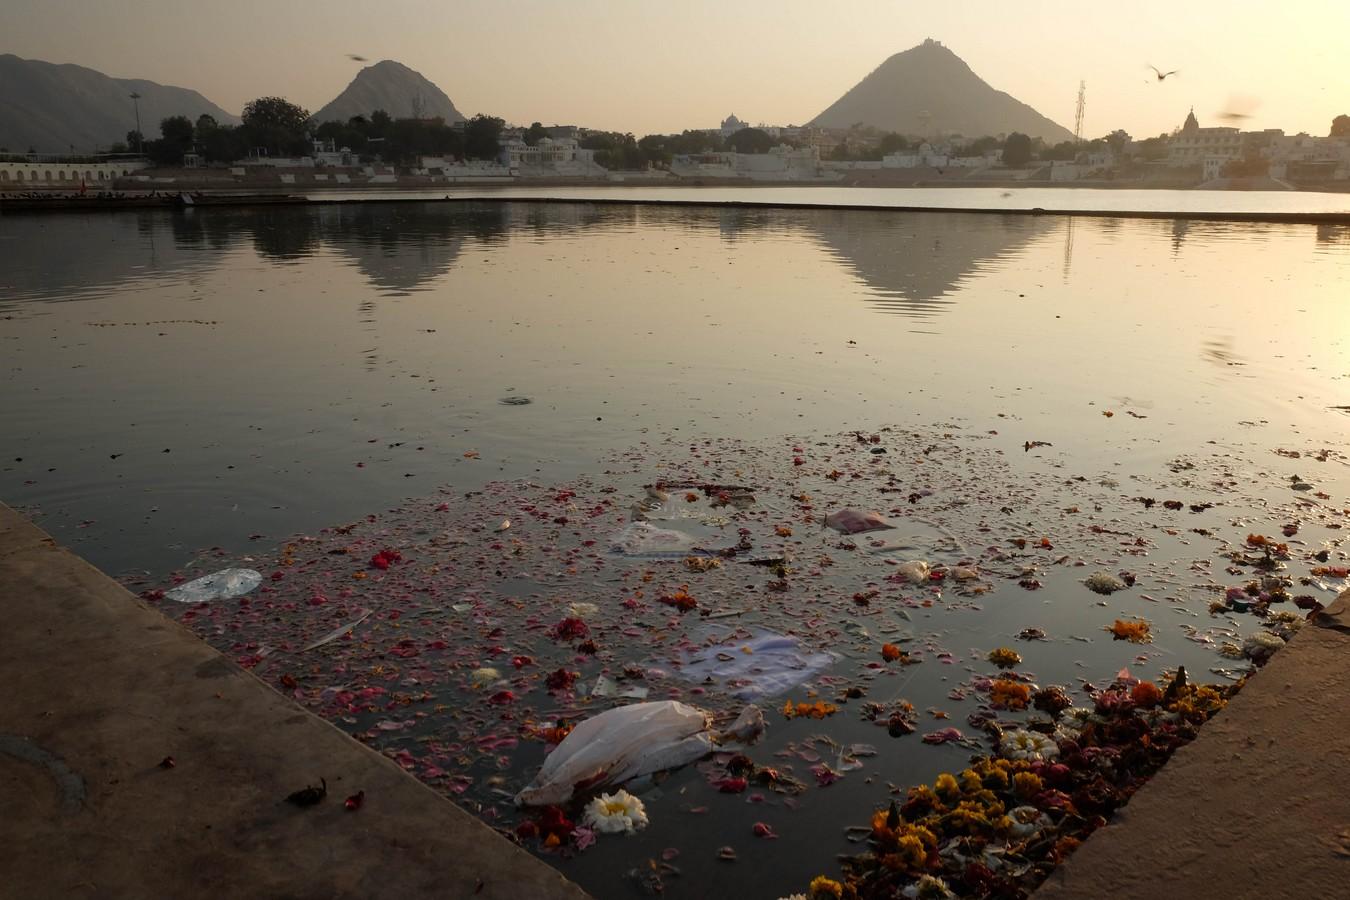 Les offrandes du lac de Pushkar